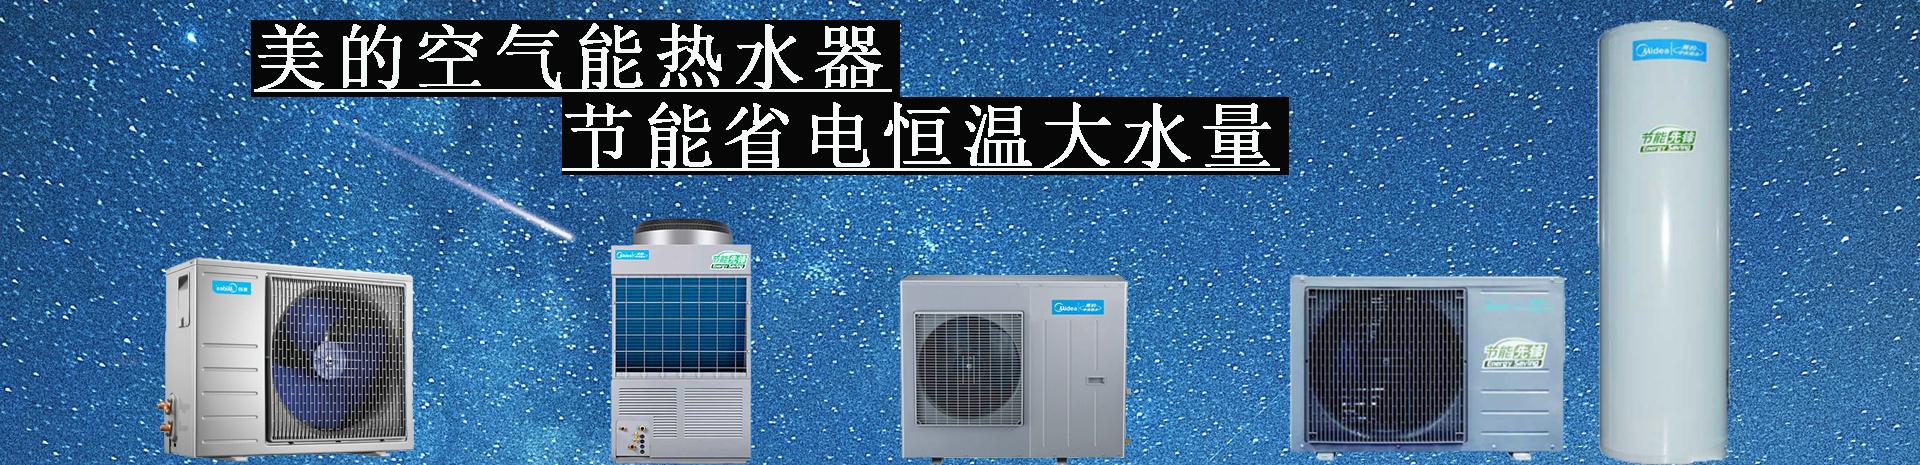 深圳市松盛空气能热水器工程有限公司